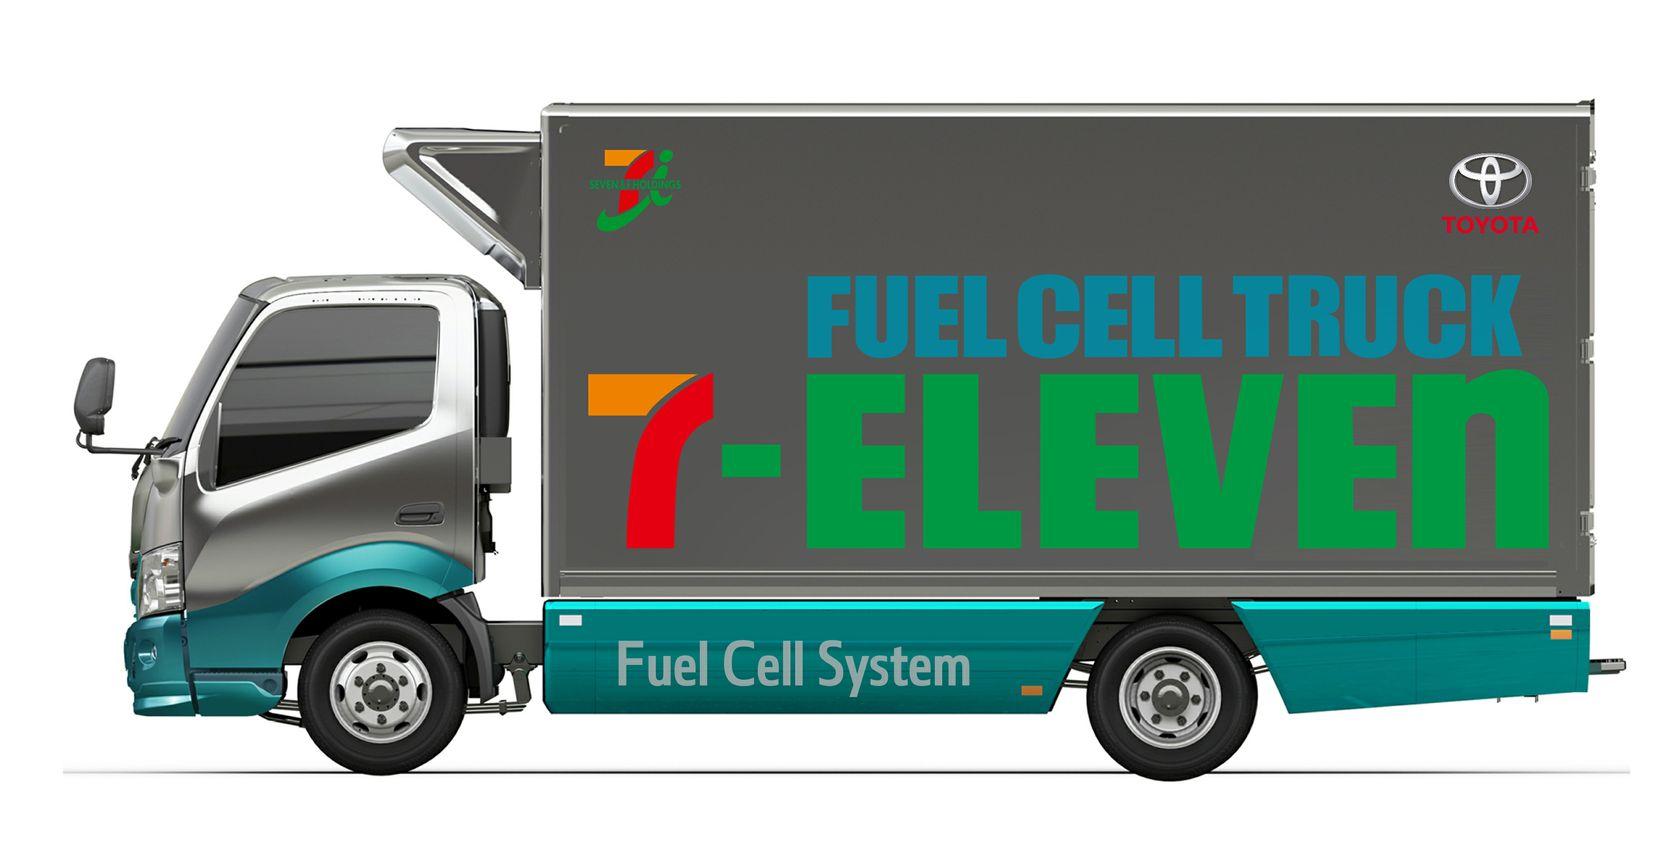 Small FC Truck